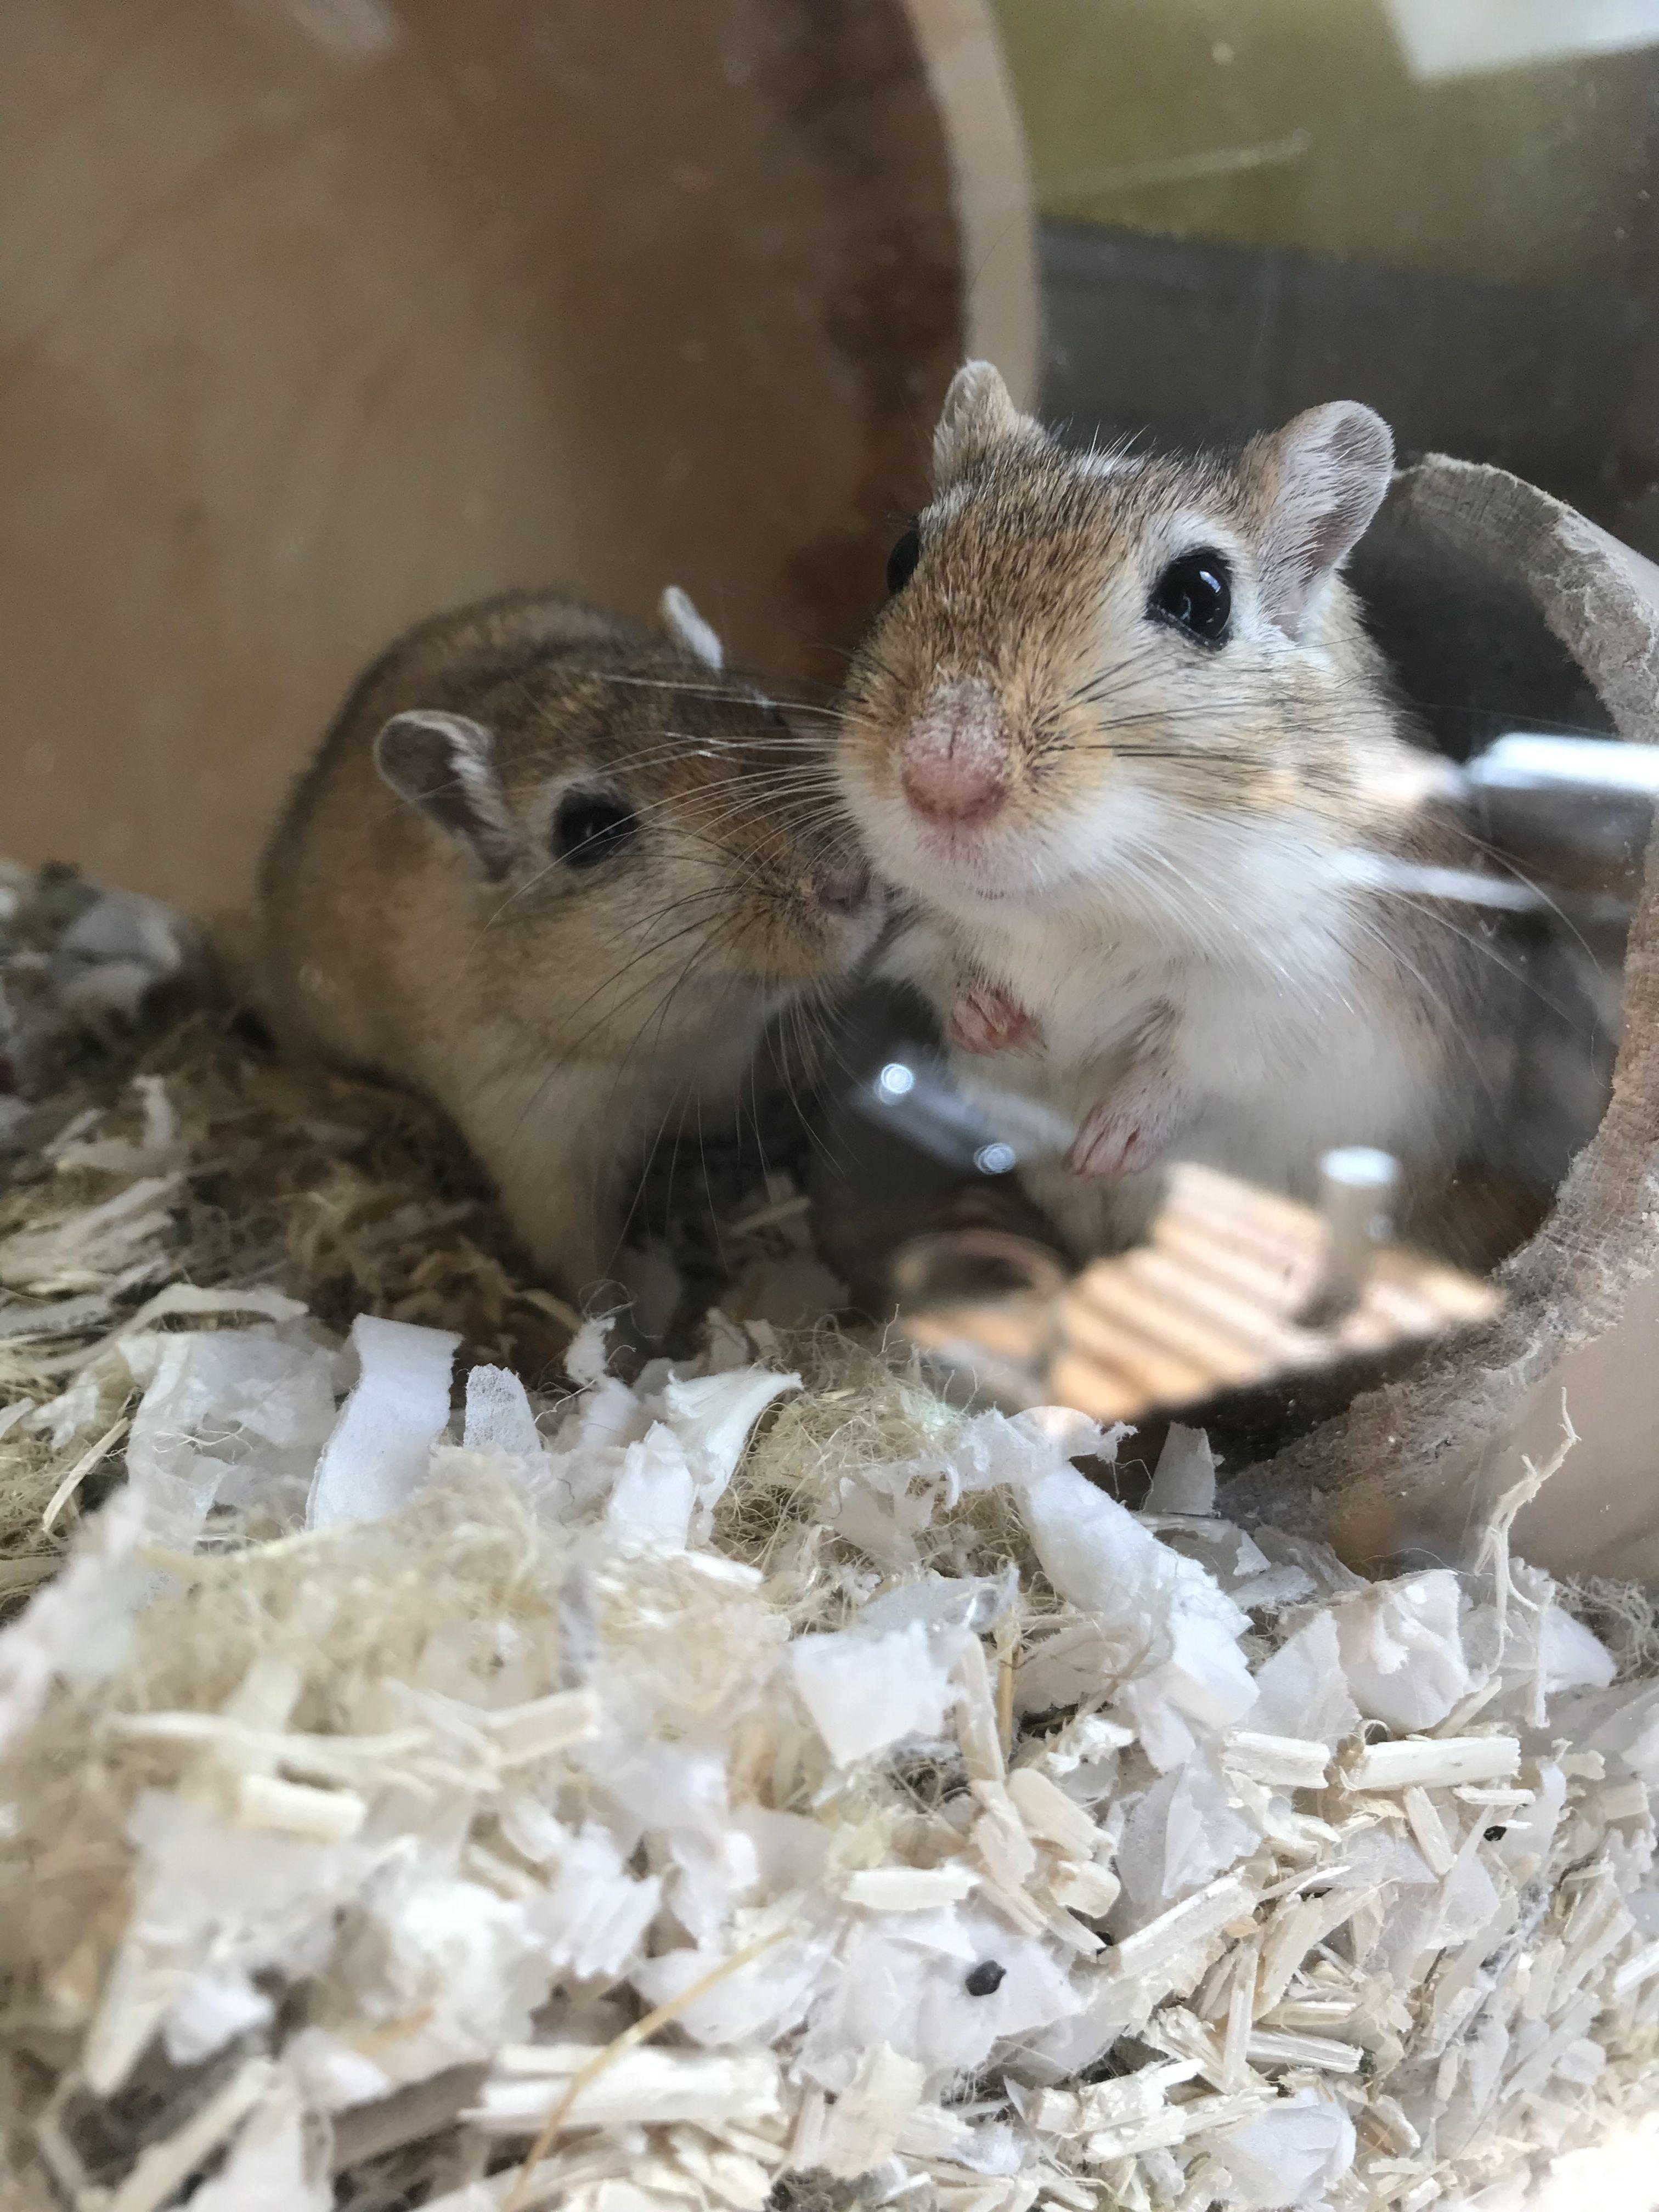 Kaylee Und Kate Rennmaus Rennmause Gerbil Gerbils Gerbil Animals Wild Pets